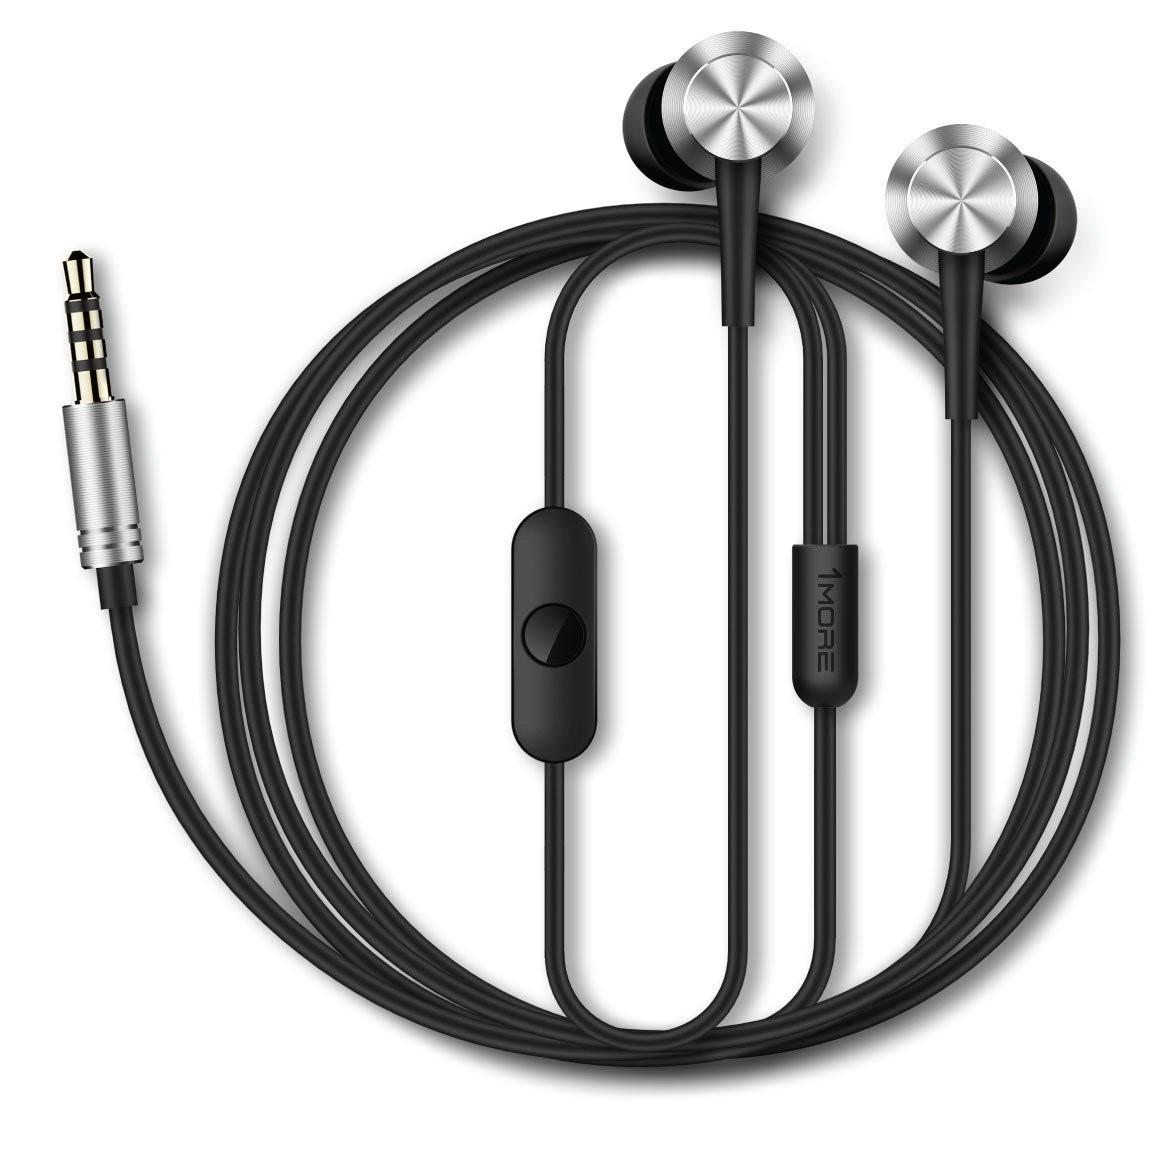 Навушники та гарнітури, Гарнітура 1more Piston Fit Silver (360029)  - купить со скидкой